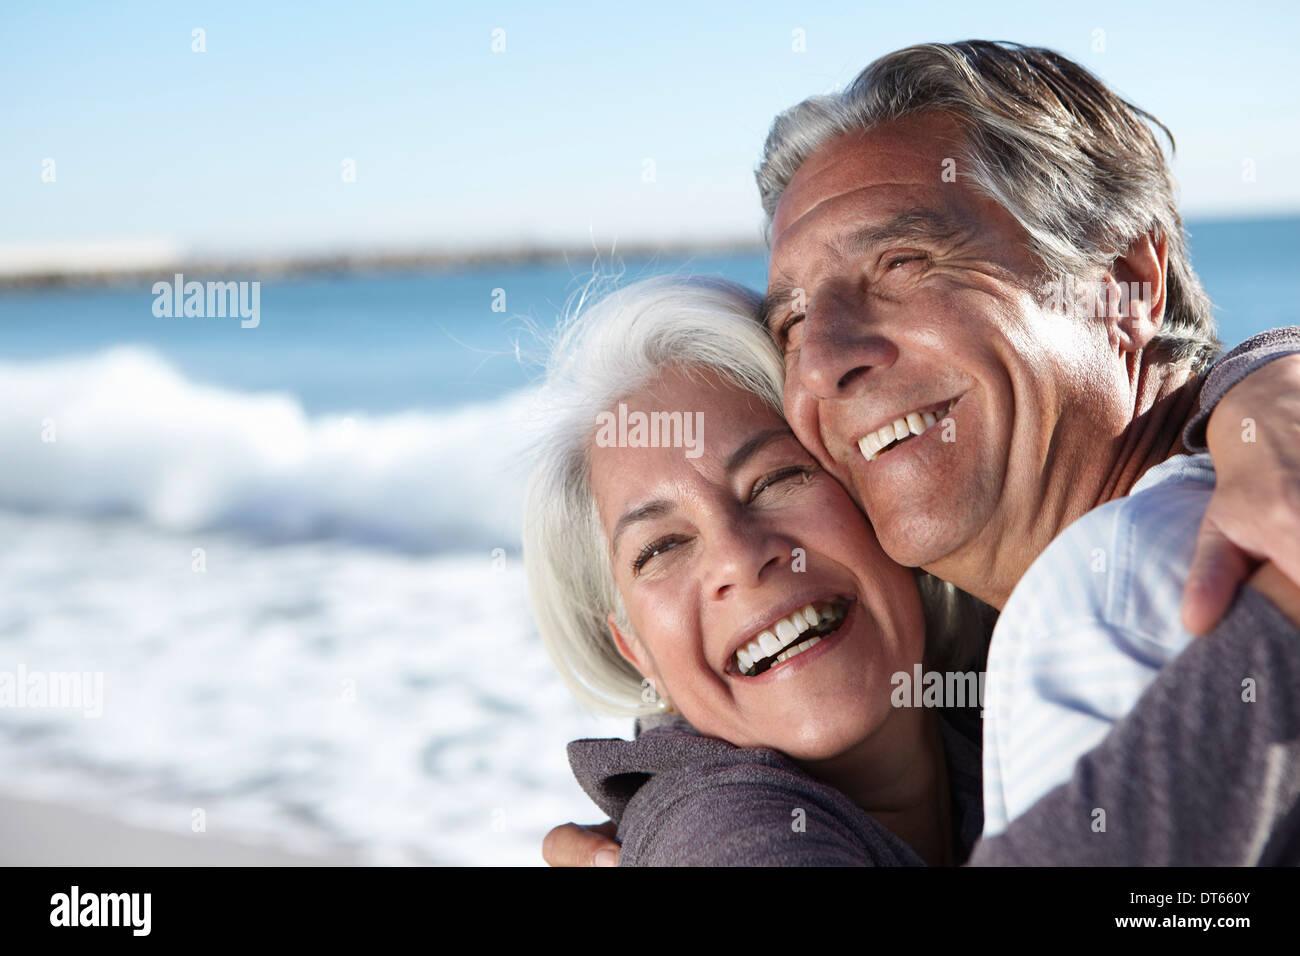 Ritratto di coppia felice da mare Immagini Stock